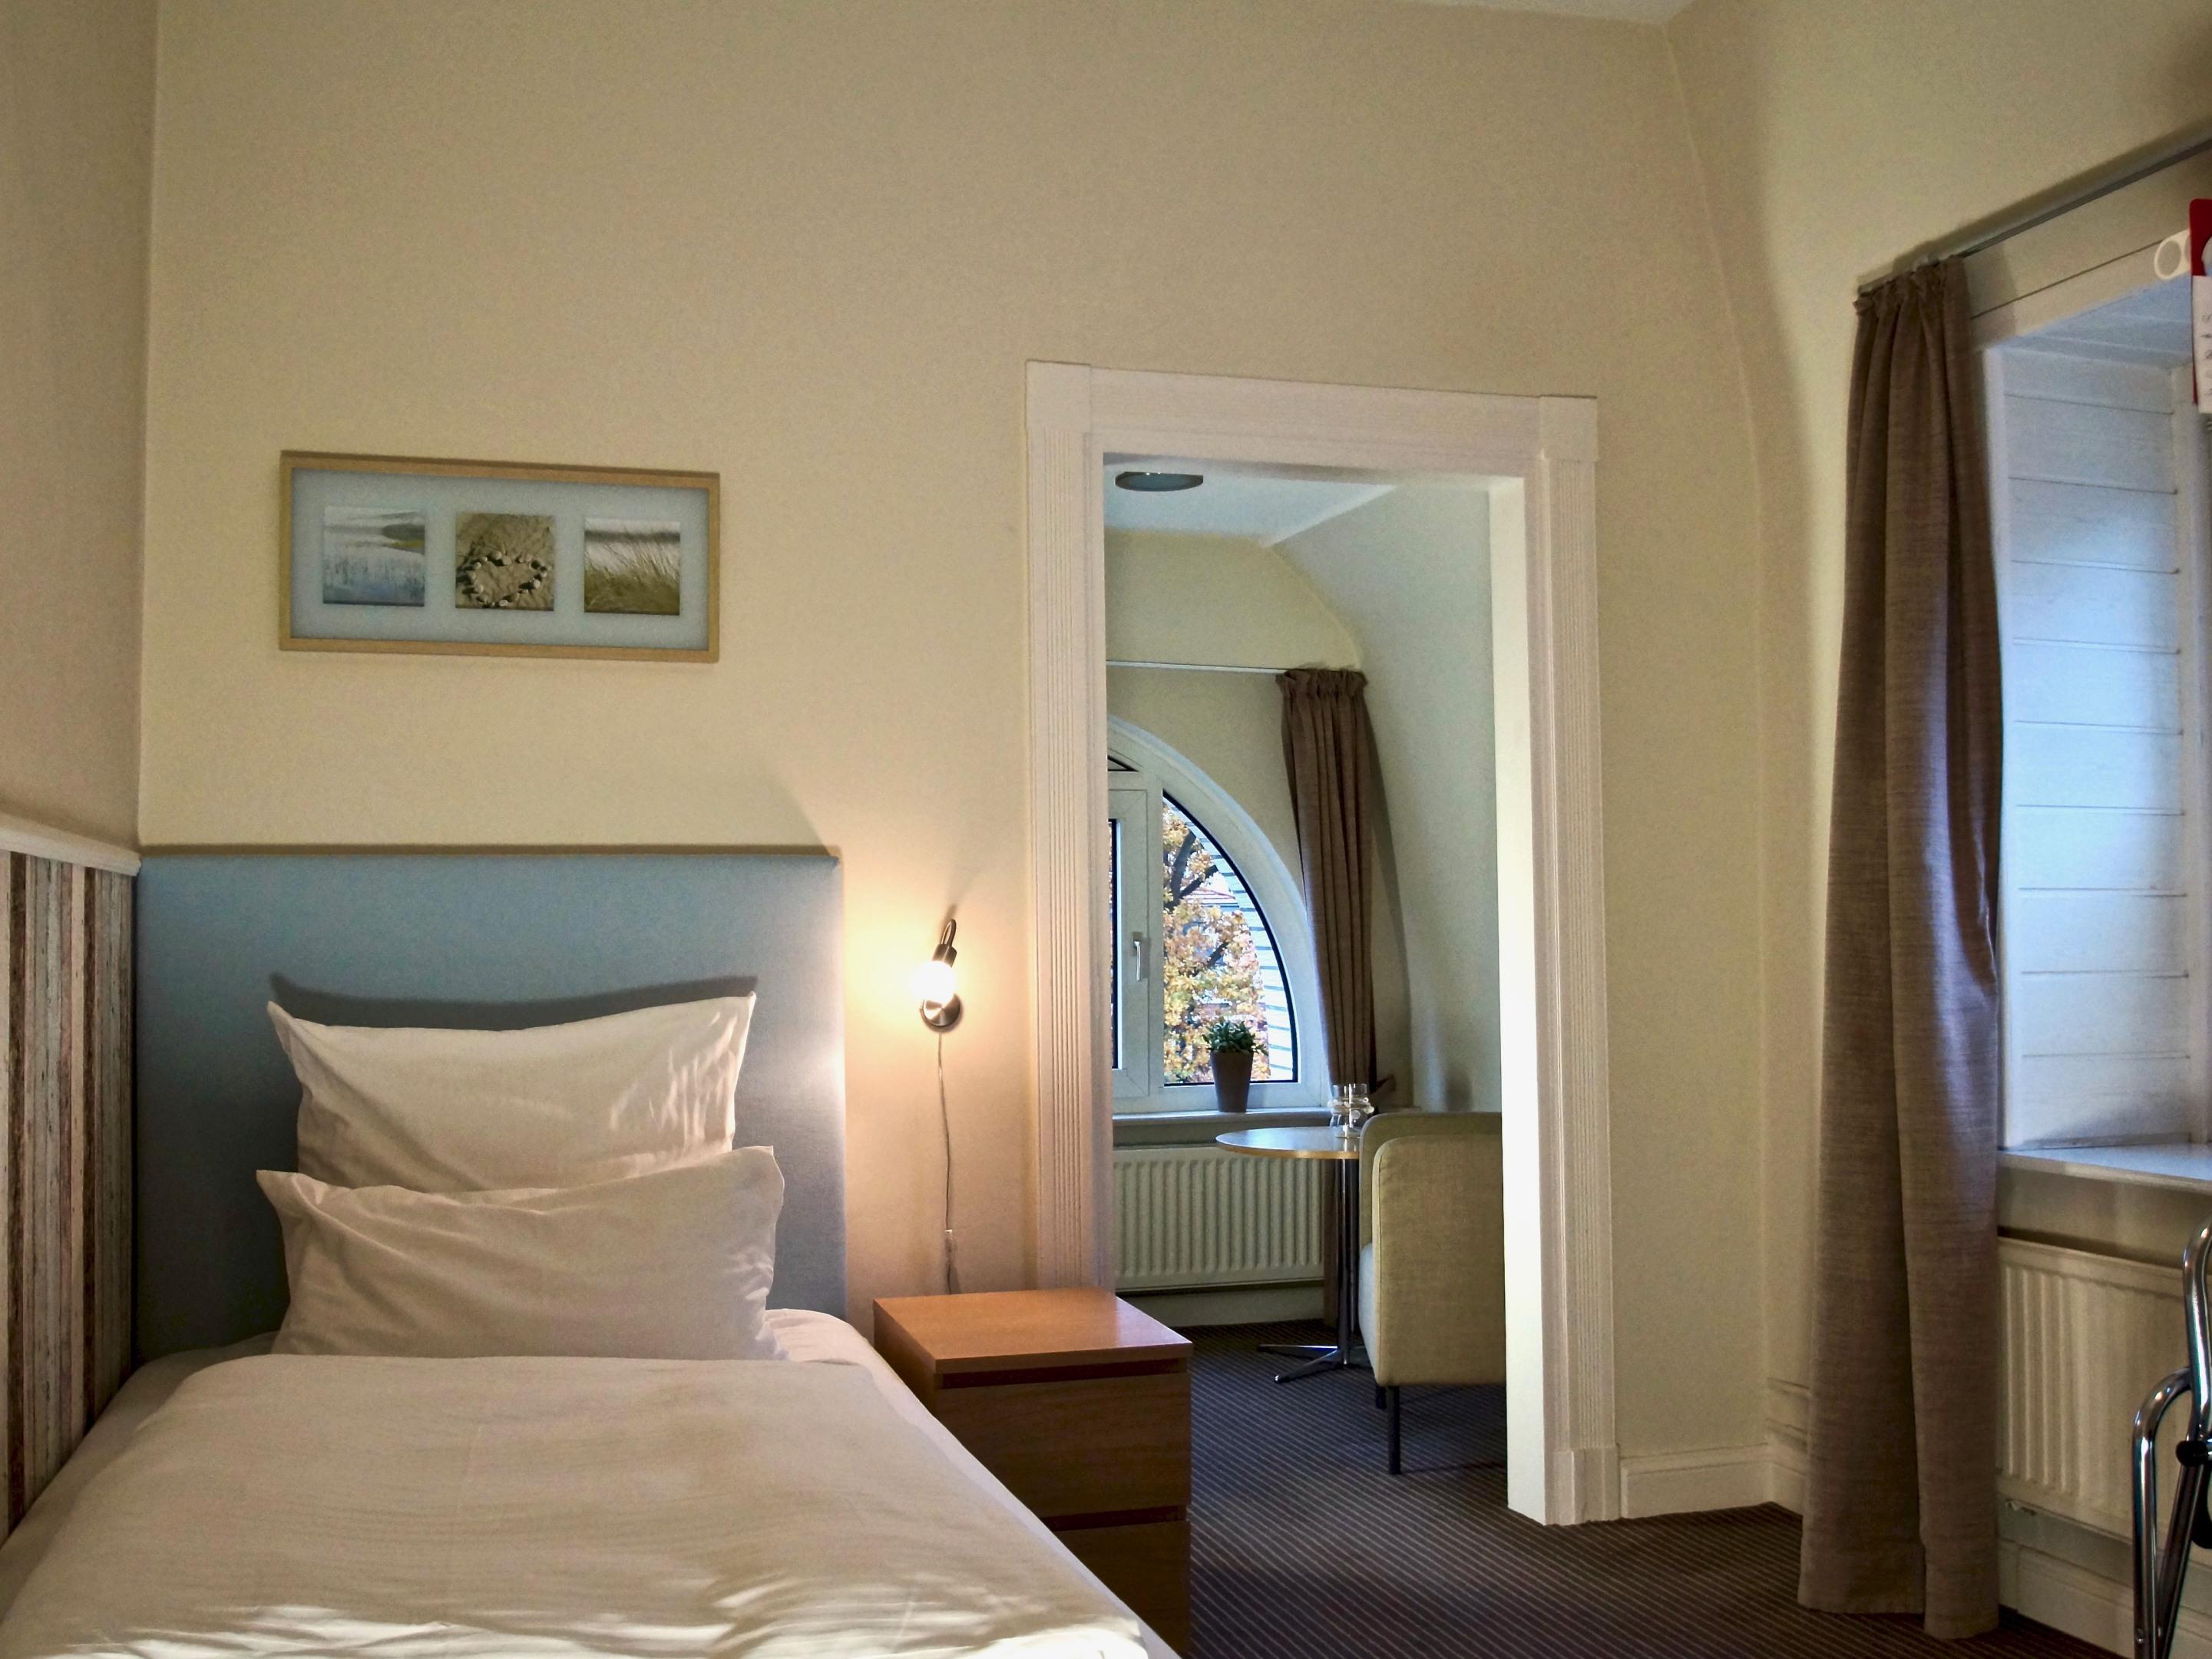 Einzelzimmer-Komfort-Eigenes Badezimmer-Blick zur Meerseite - Einzelzimmer-Komfort-Eigenes Badezimmer-Blick zur Meerseite